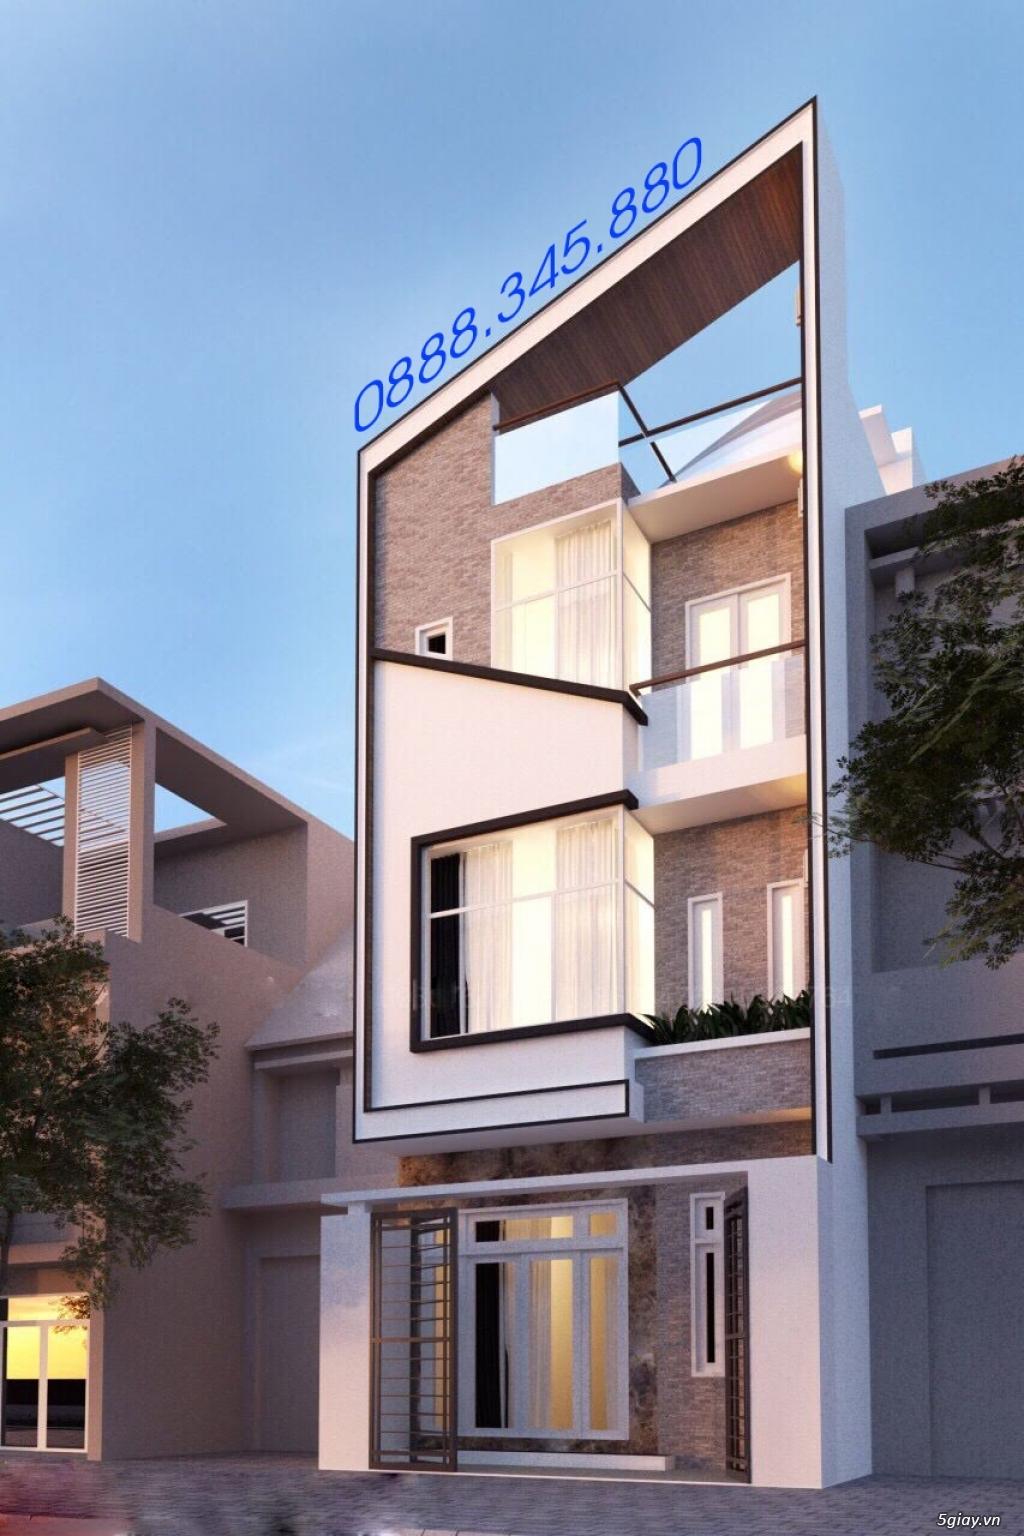 Cần bán nhà đi học- Nguyễn Văn Giáp Q2 -6.1m x20m